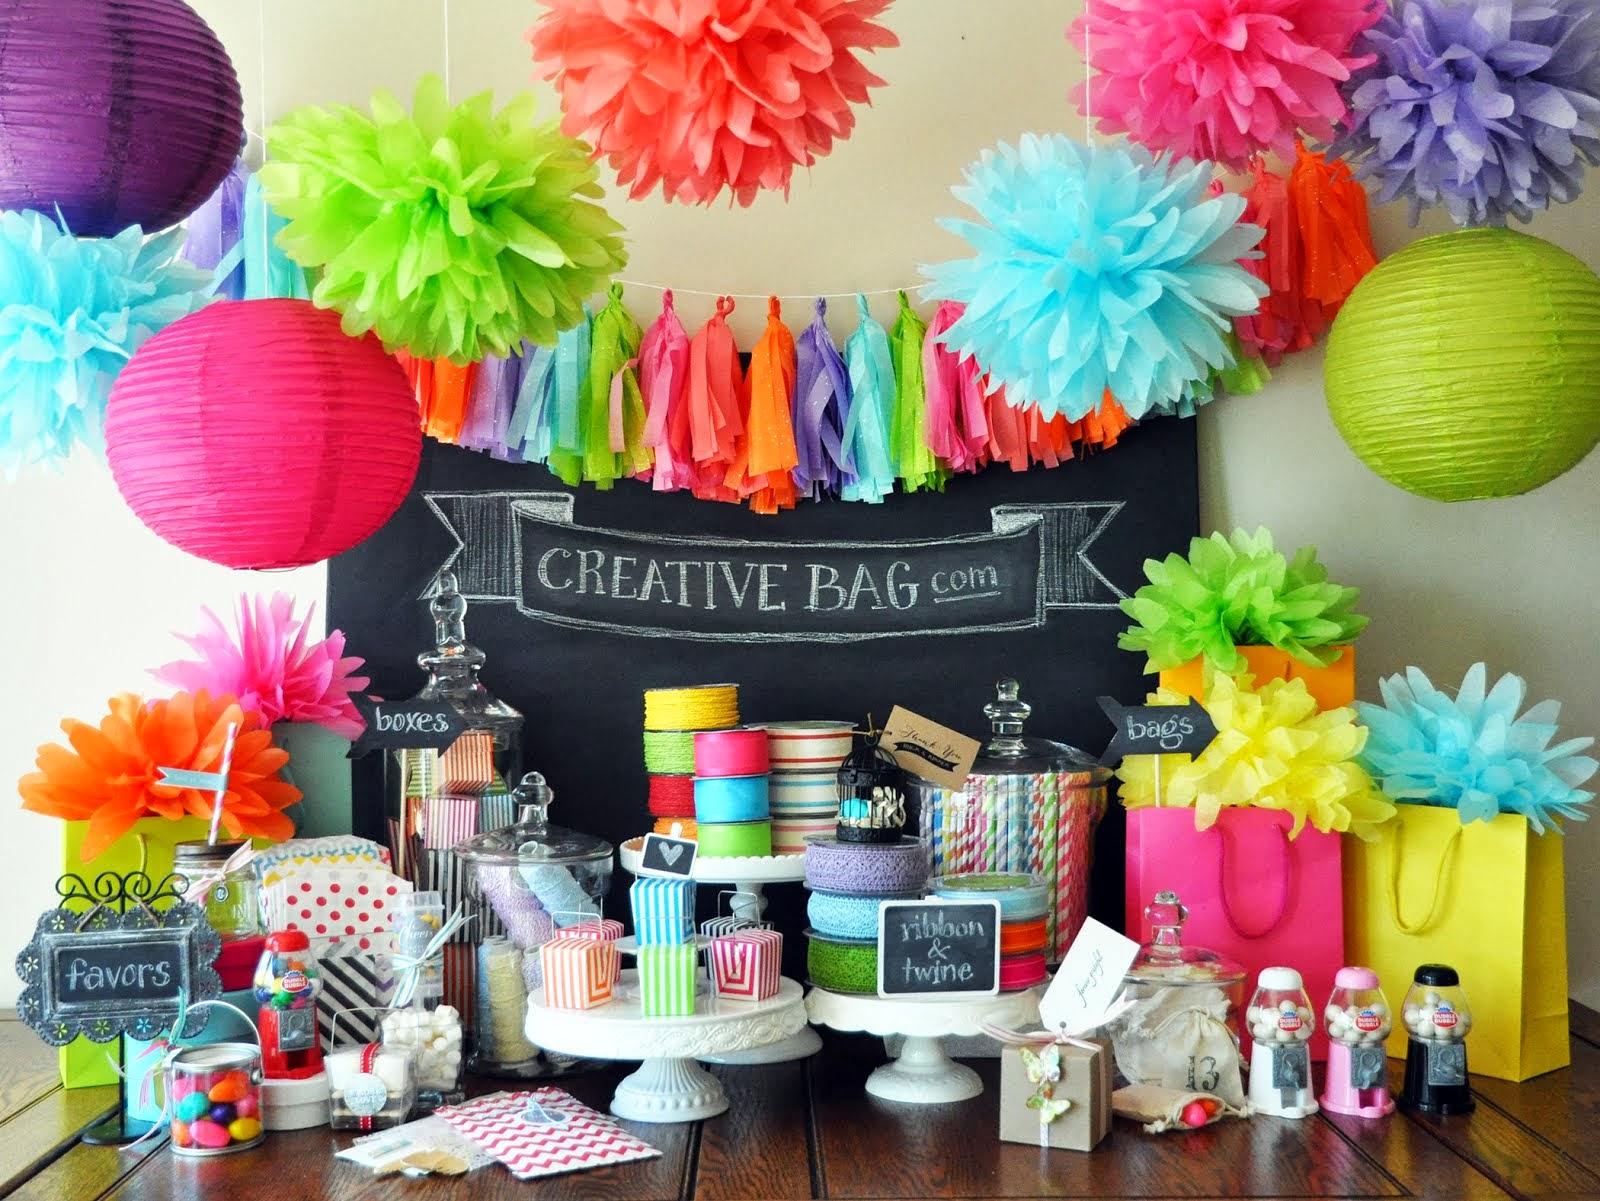 Shop at Creative Bag